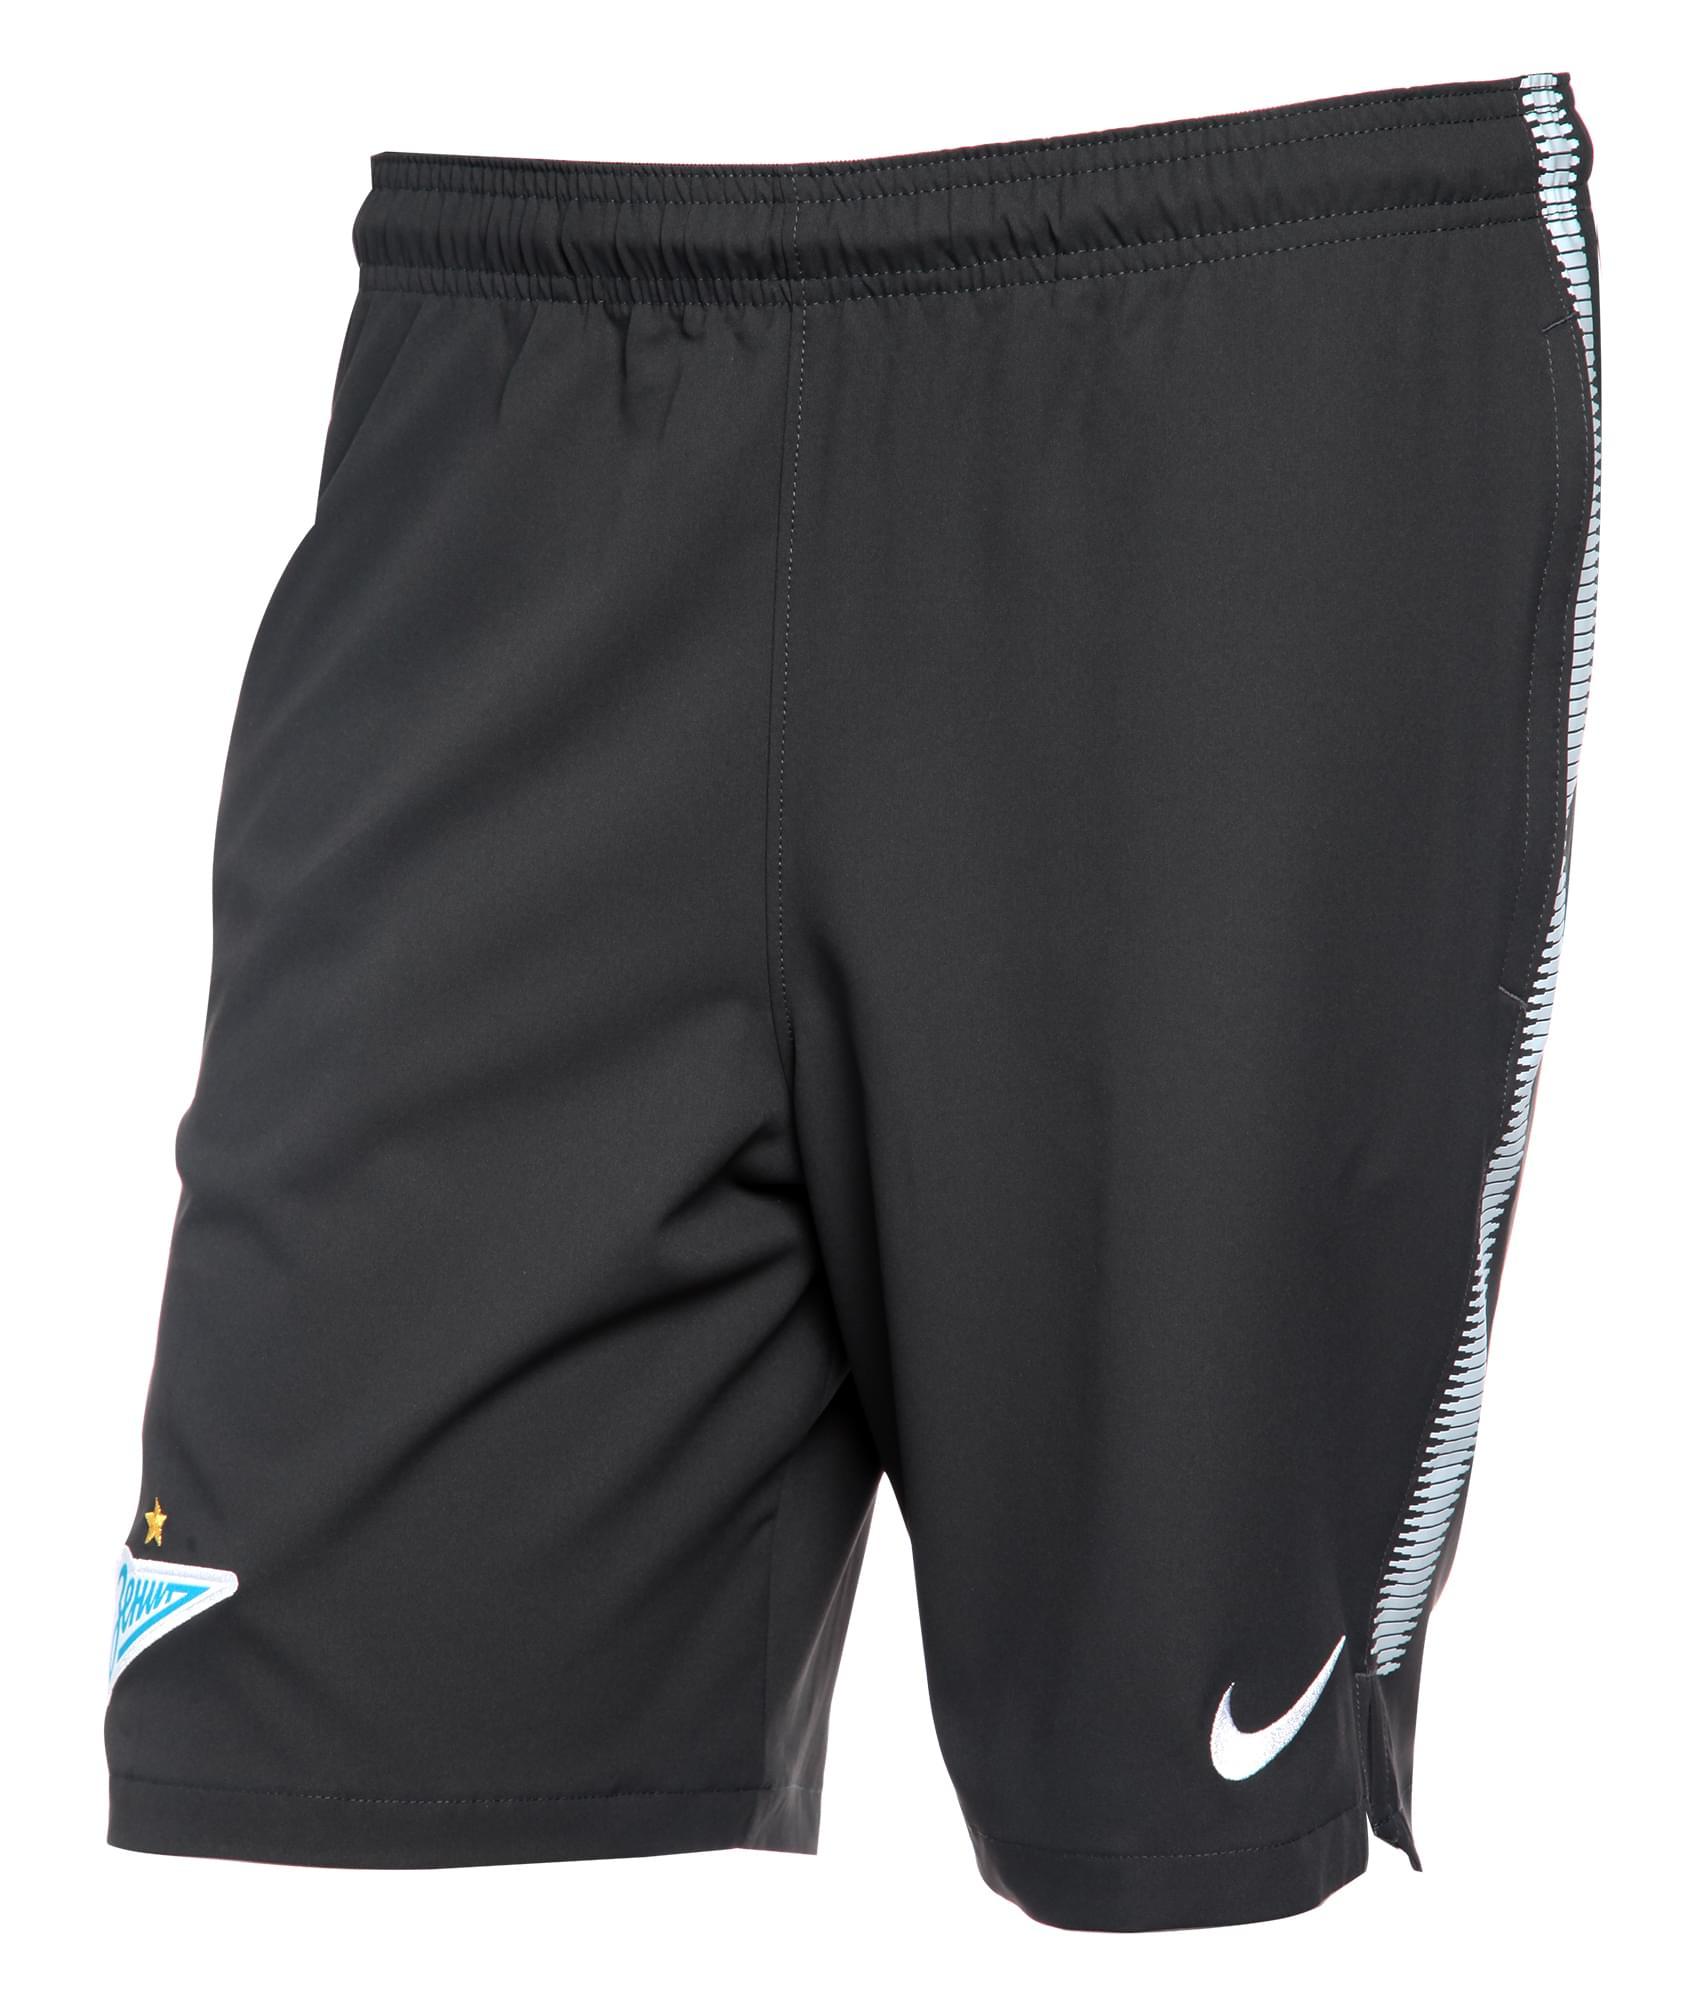 купить Шорты парадные Nike, Размер-S дешево